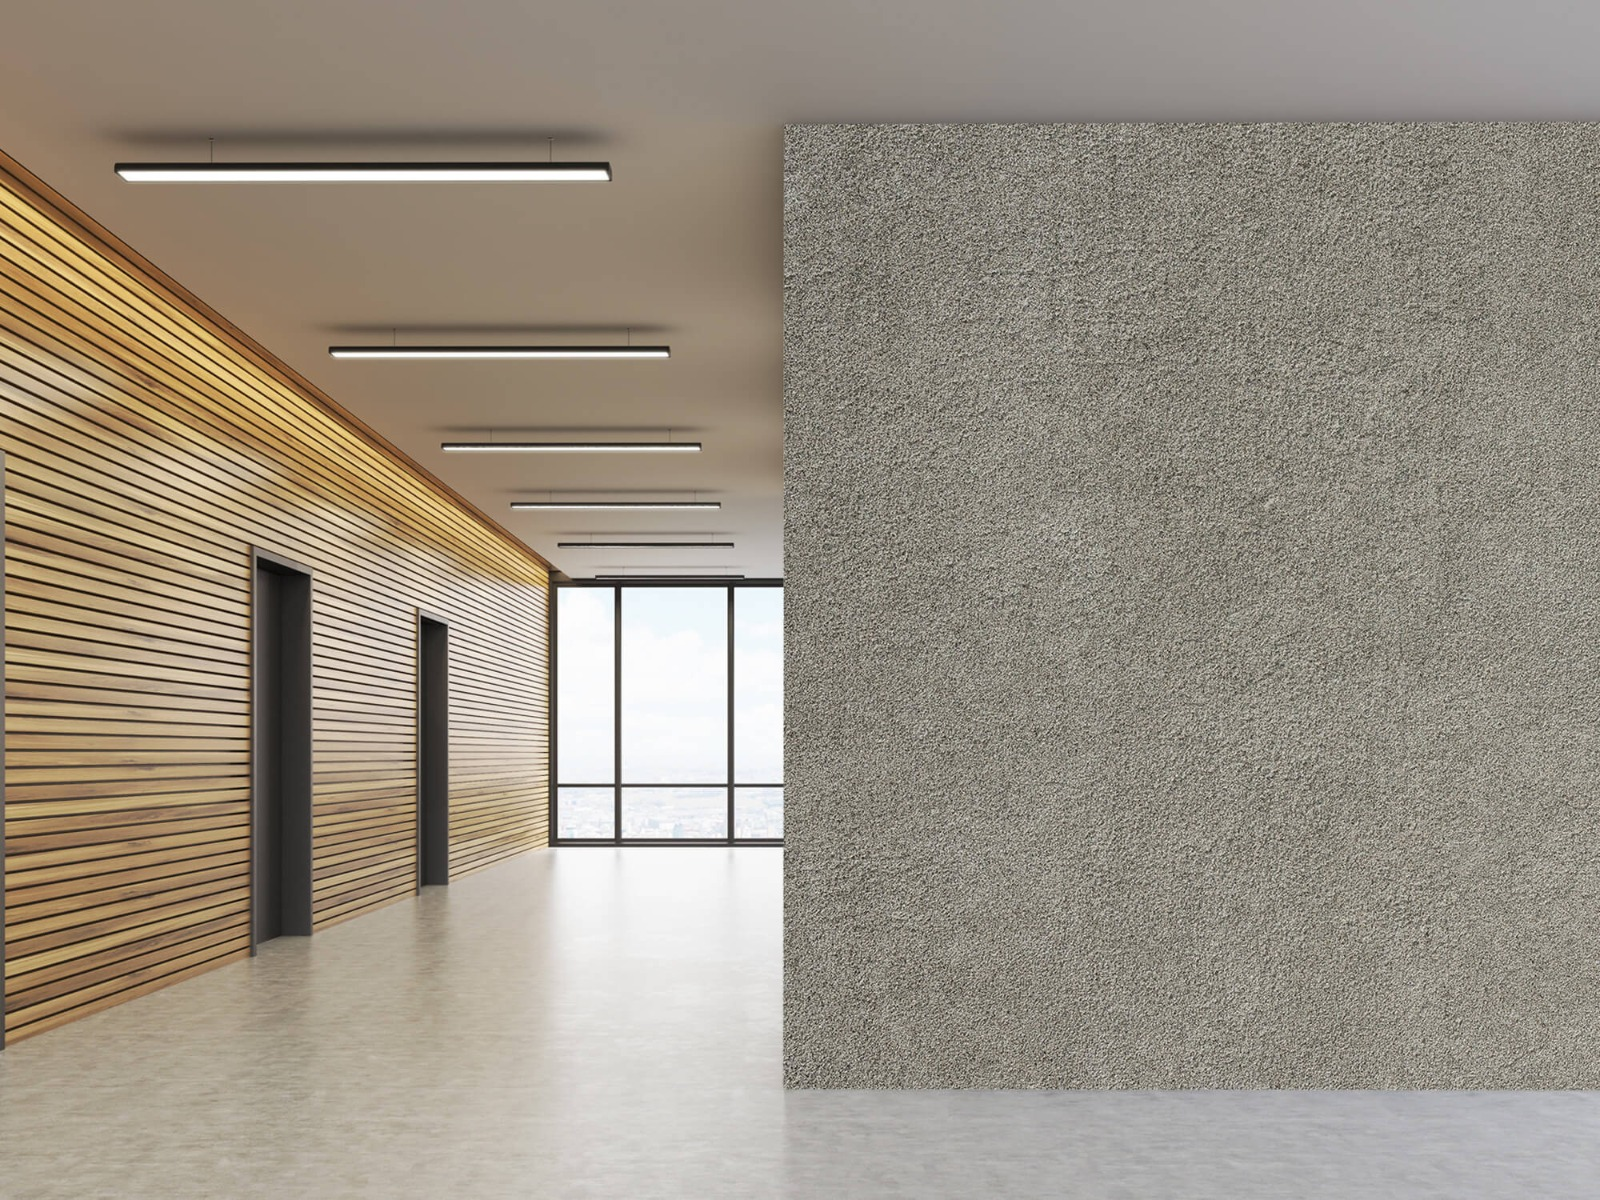 Betonlook behang - Betonnen muur met fijne steentjes - Kantoor 5